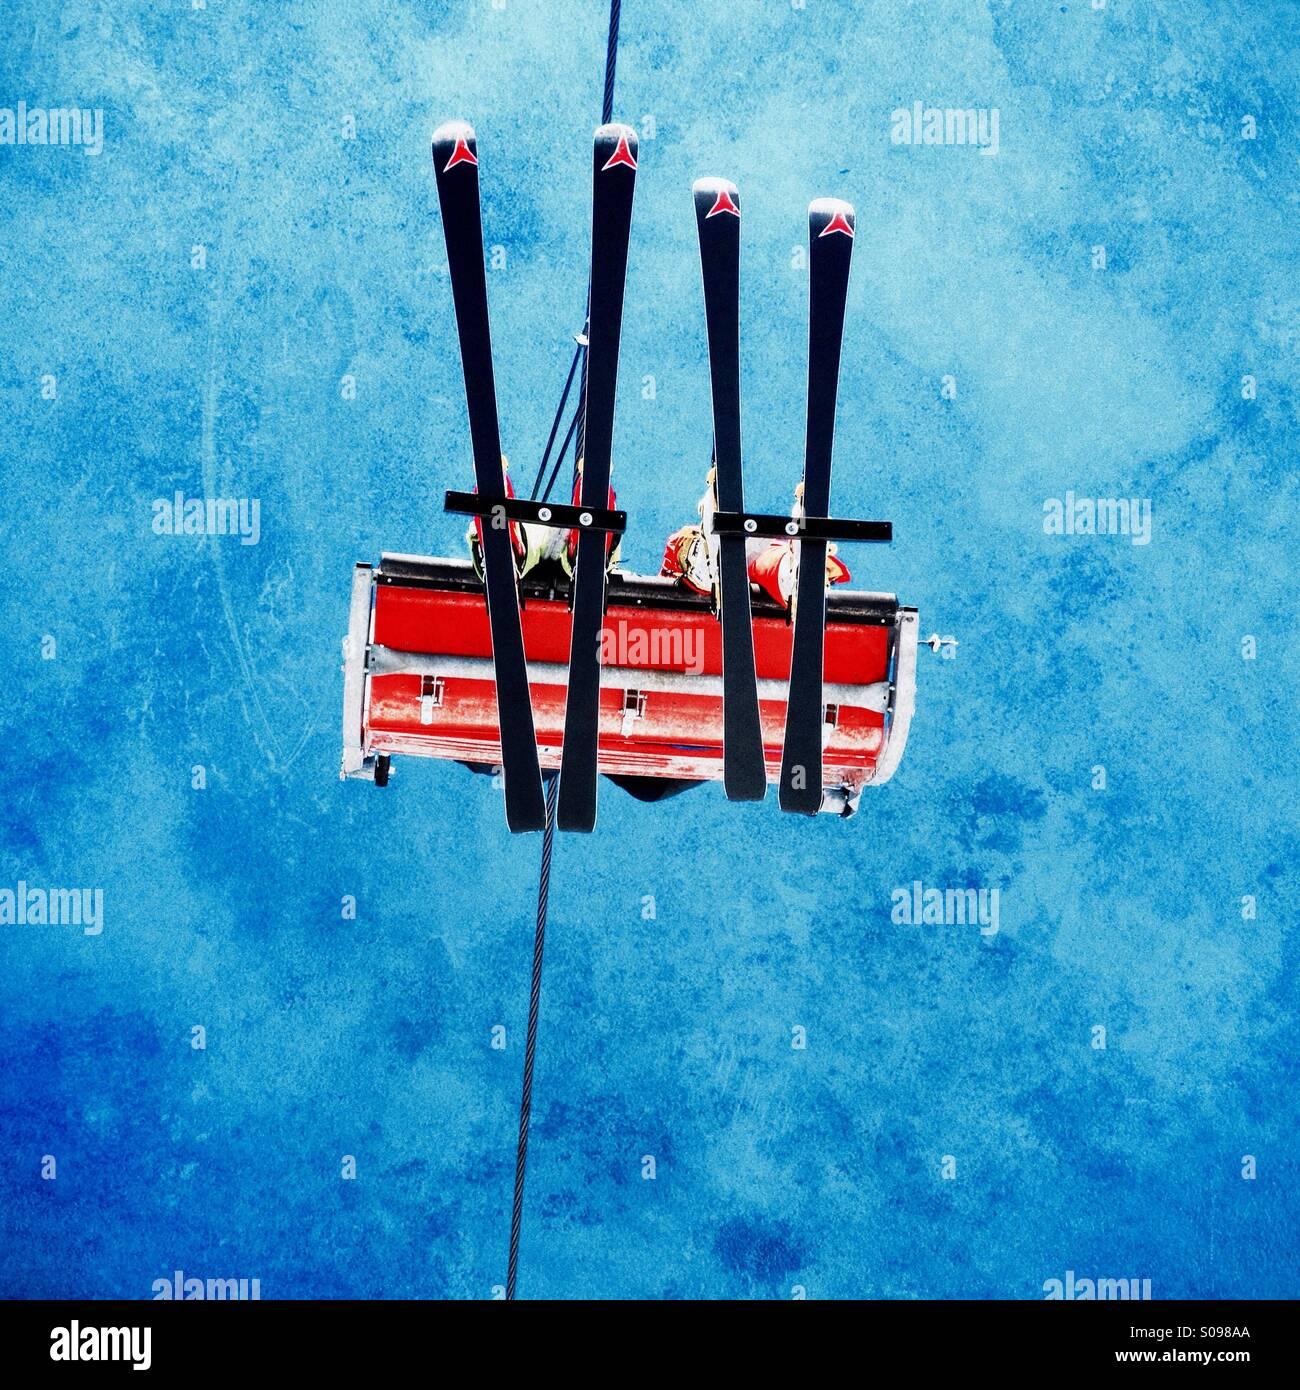 Skifahrer am Sessellift in den Alpen betrachtet von unten vor blauem Himmel Stockbild